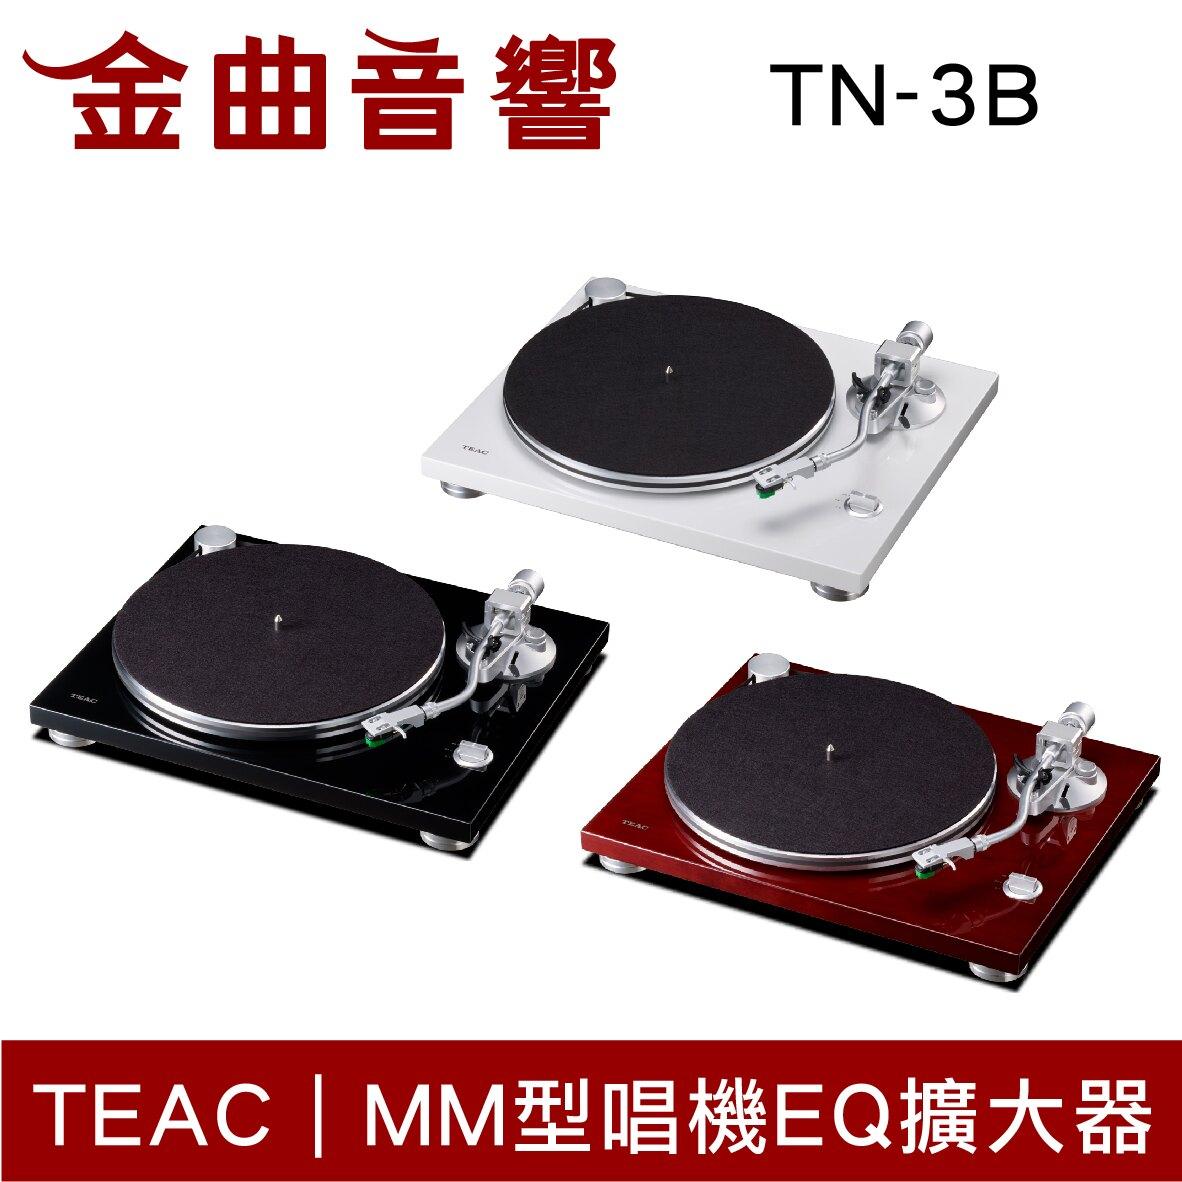 TEAC TN-3B 亮面白 USB 數位輸出 黑膠唱盤 | 金曲音響